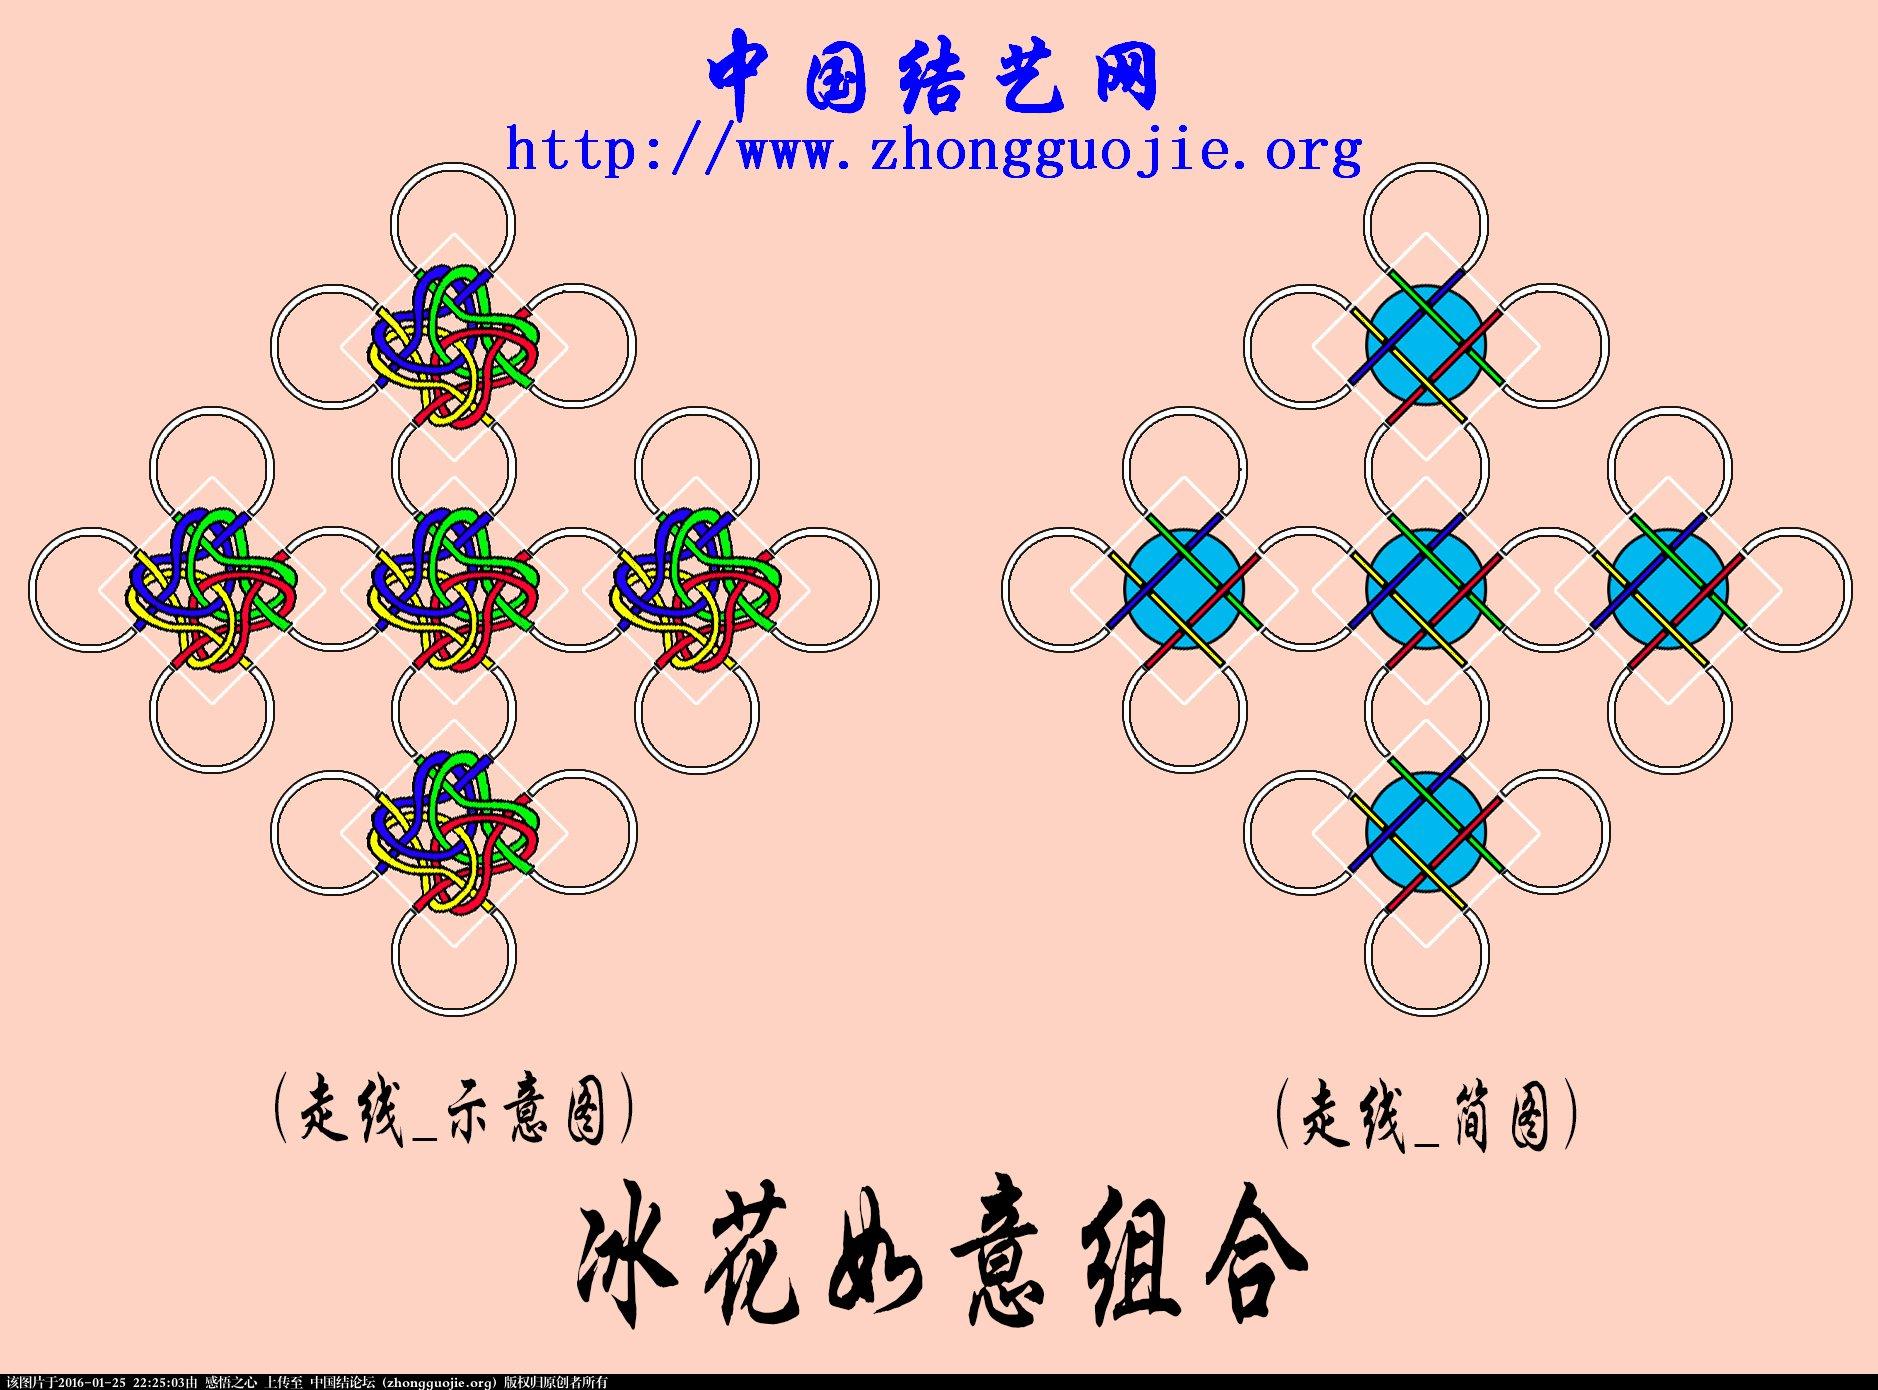 中国结论坛   冰花结(华瑶结)的教程与讨论区 222301d5u5vxzuf4nlxsf7